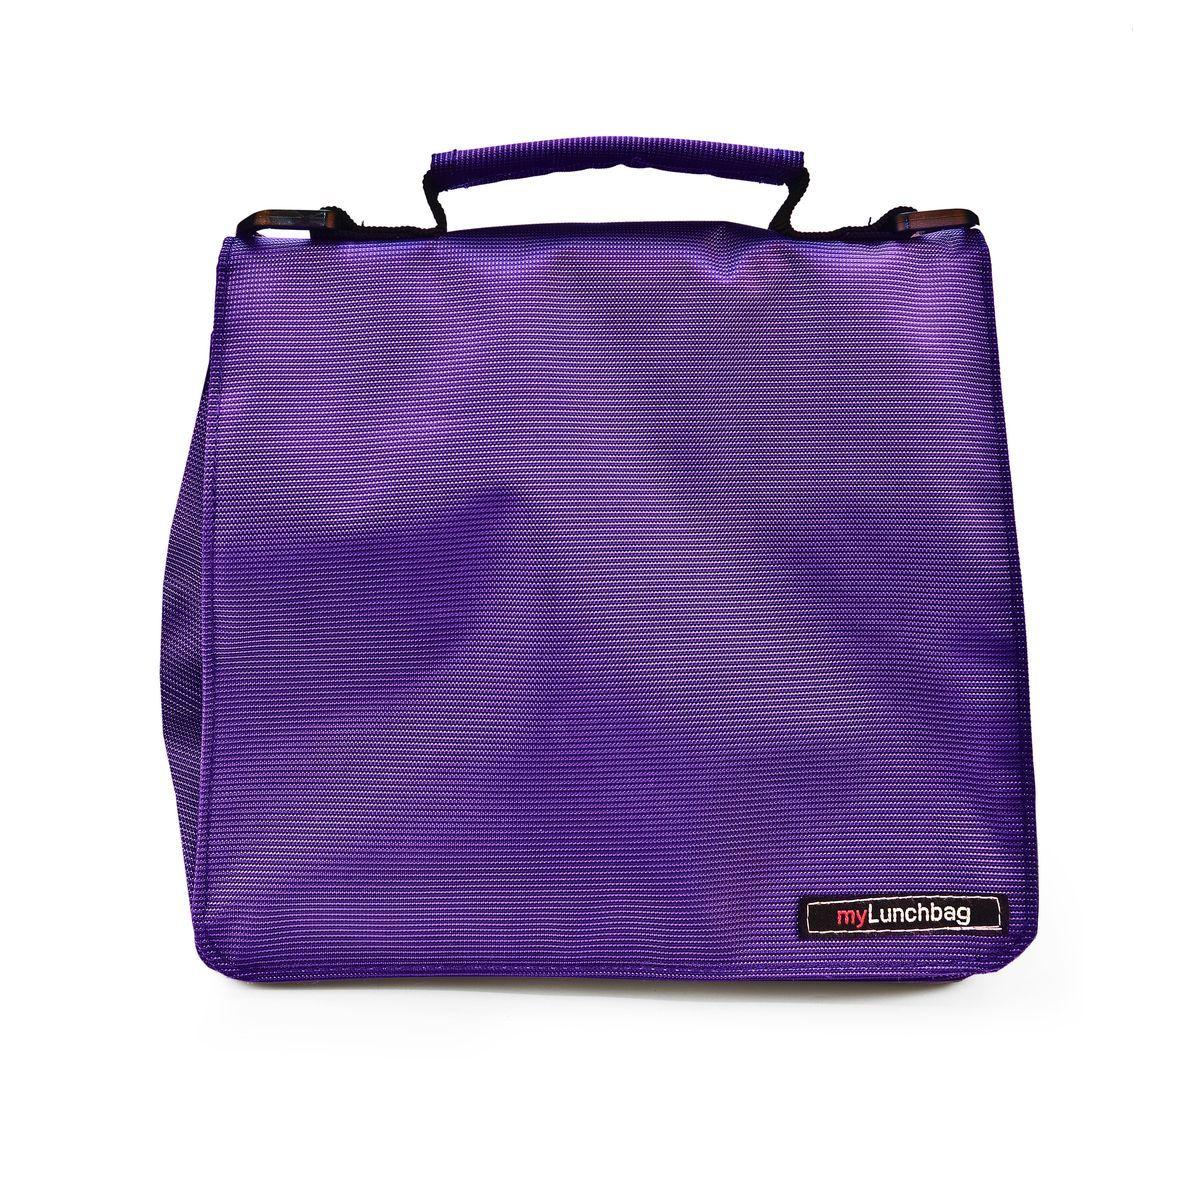 Термосумка для ланч-бокса Iris Smart MyLunchbag, цвет: фиолетовый, 25 х 13 х 20 см термосумка для ланч бокса iris barcelona basic mylunchbag цвет оранжевый